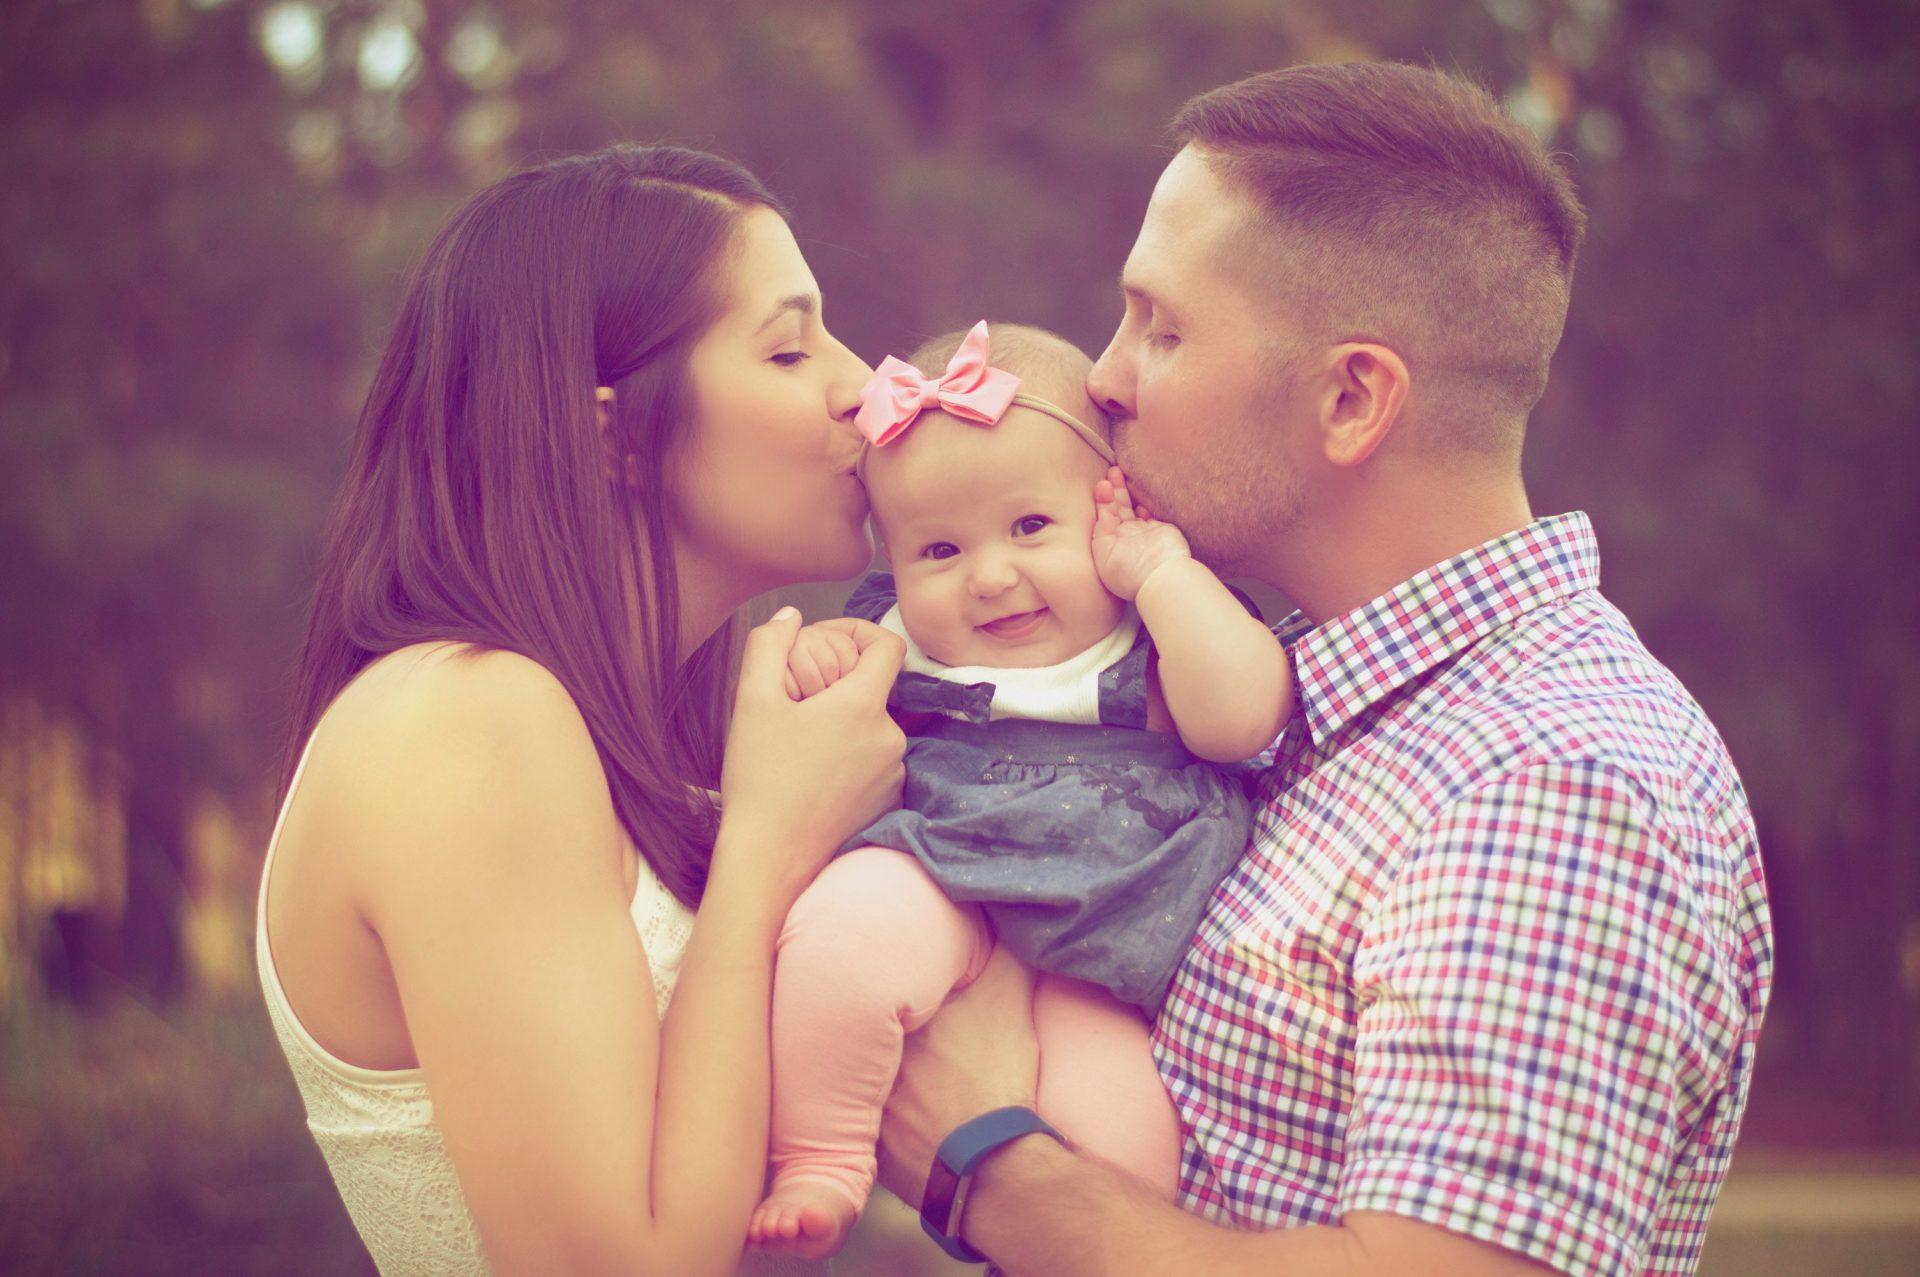 Družina - Družinski kompas